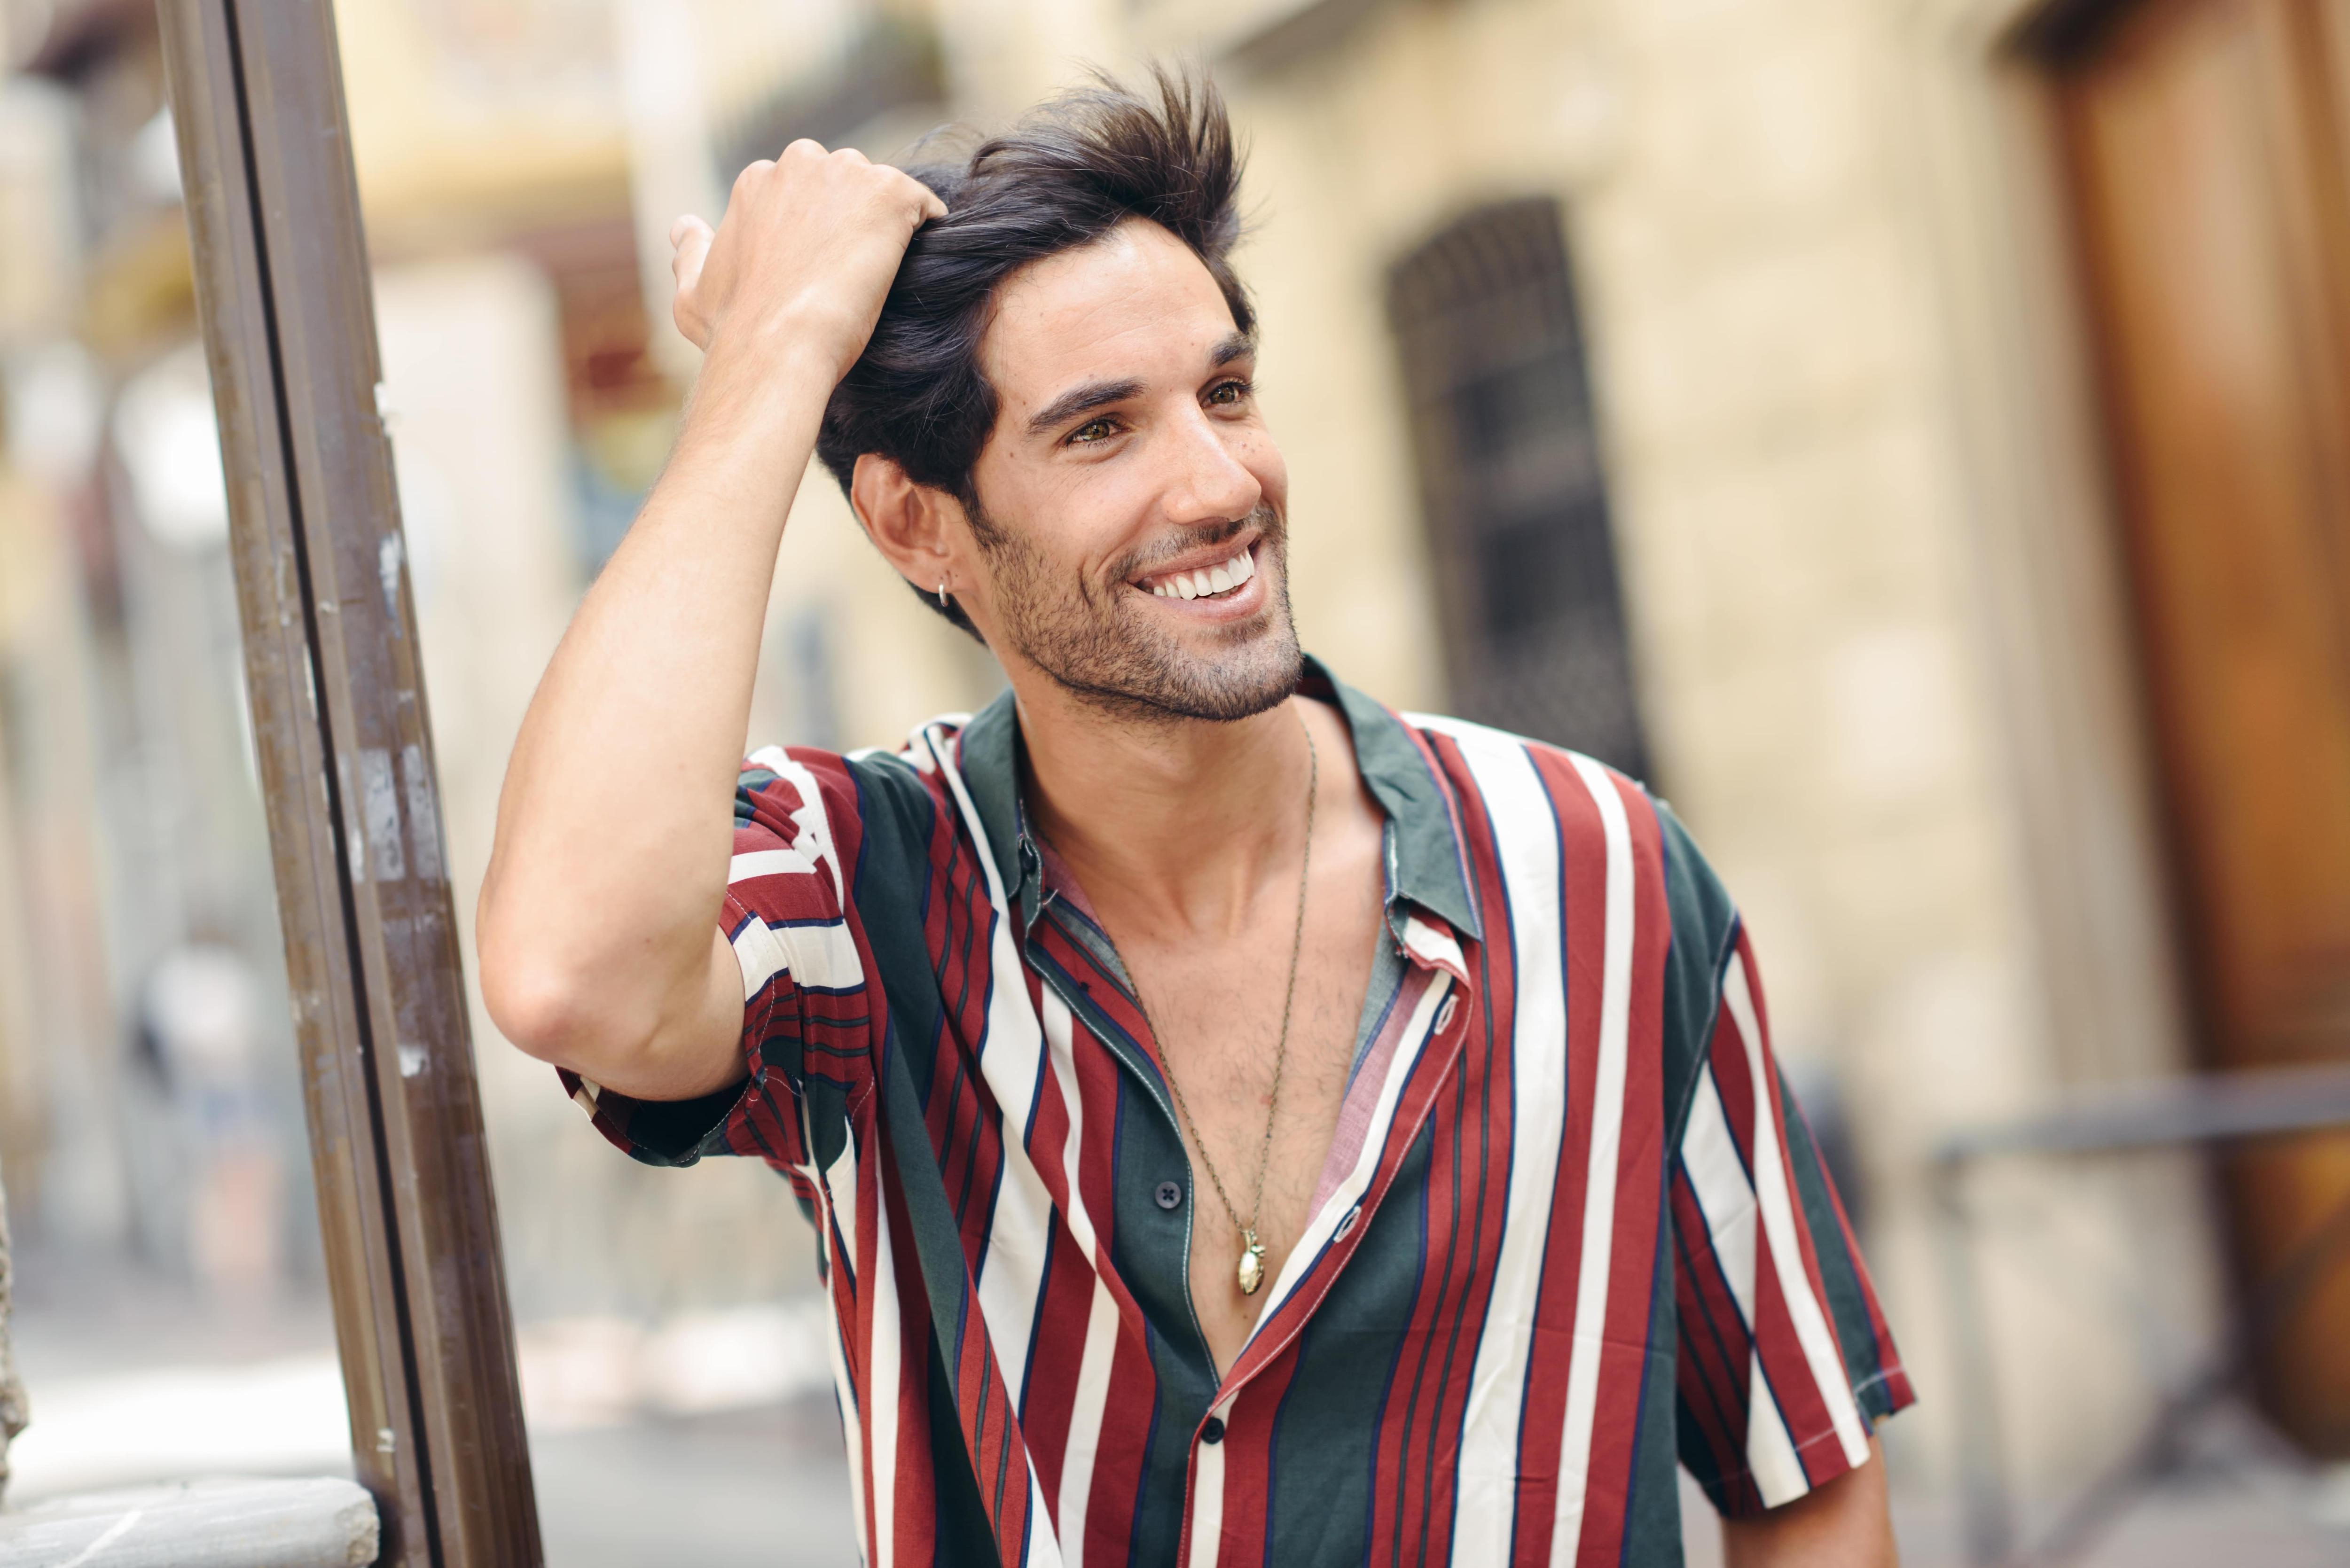 chico sonriente tocandose el pelo vistiendo camisa de rayar alopecia caida del pelo hombres